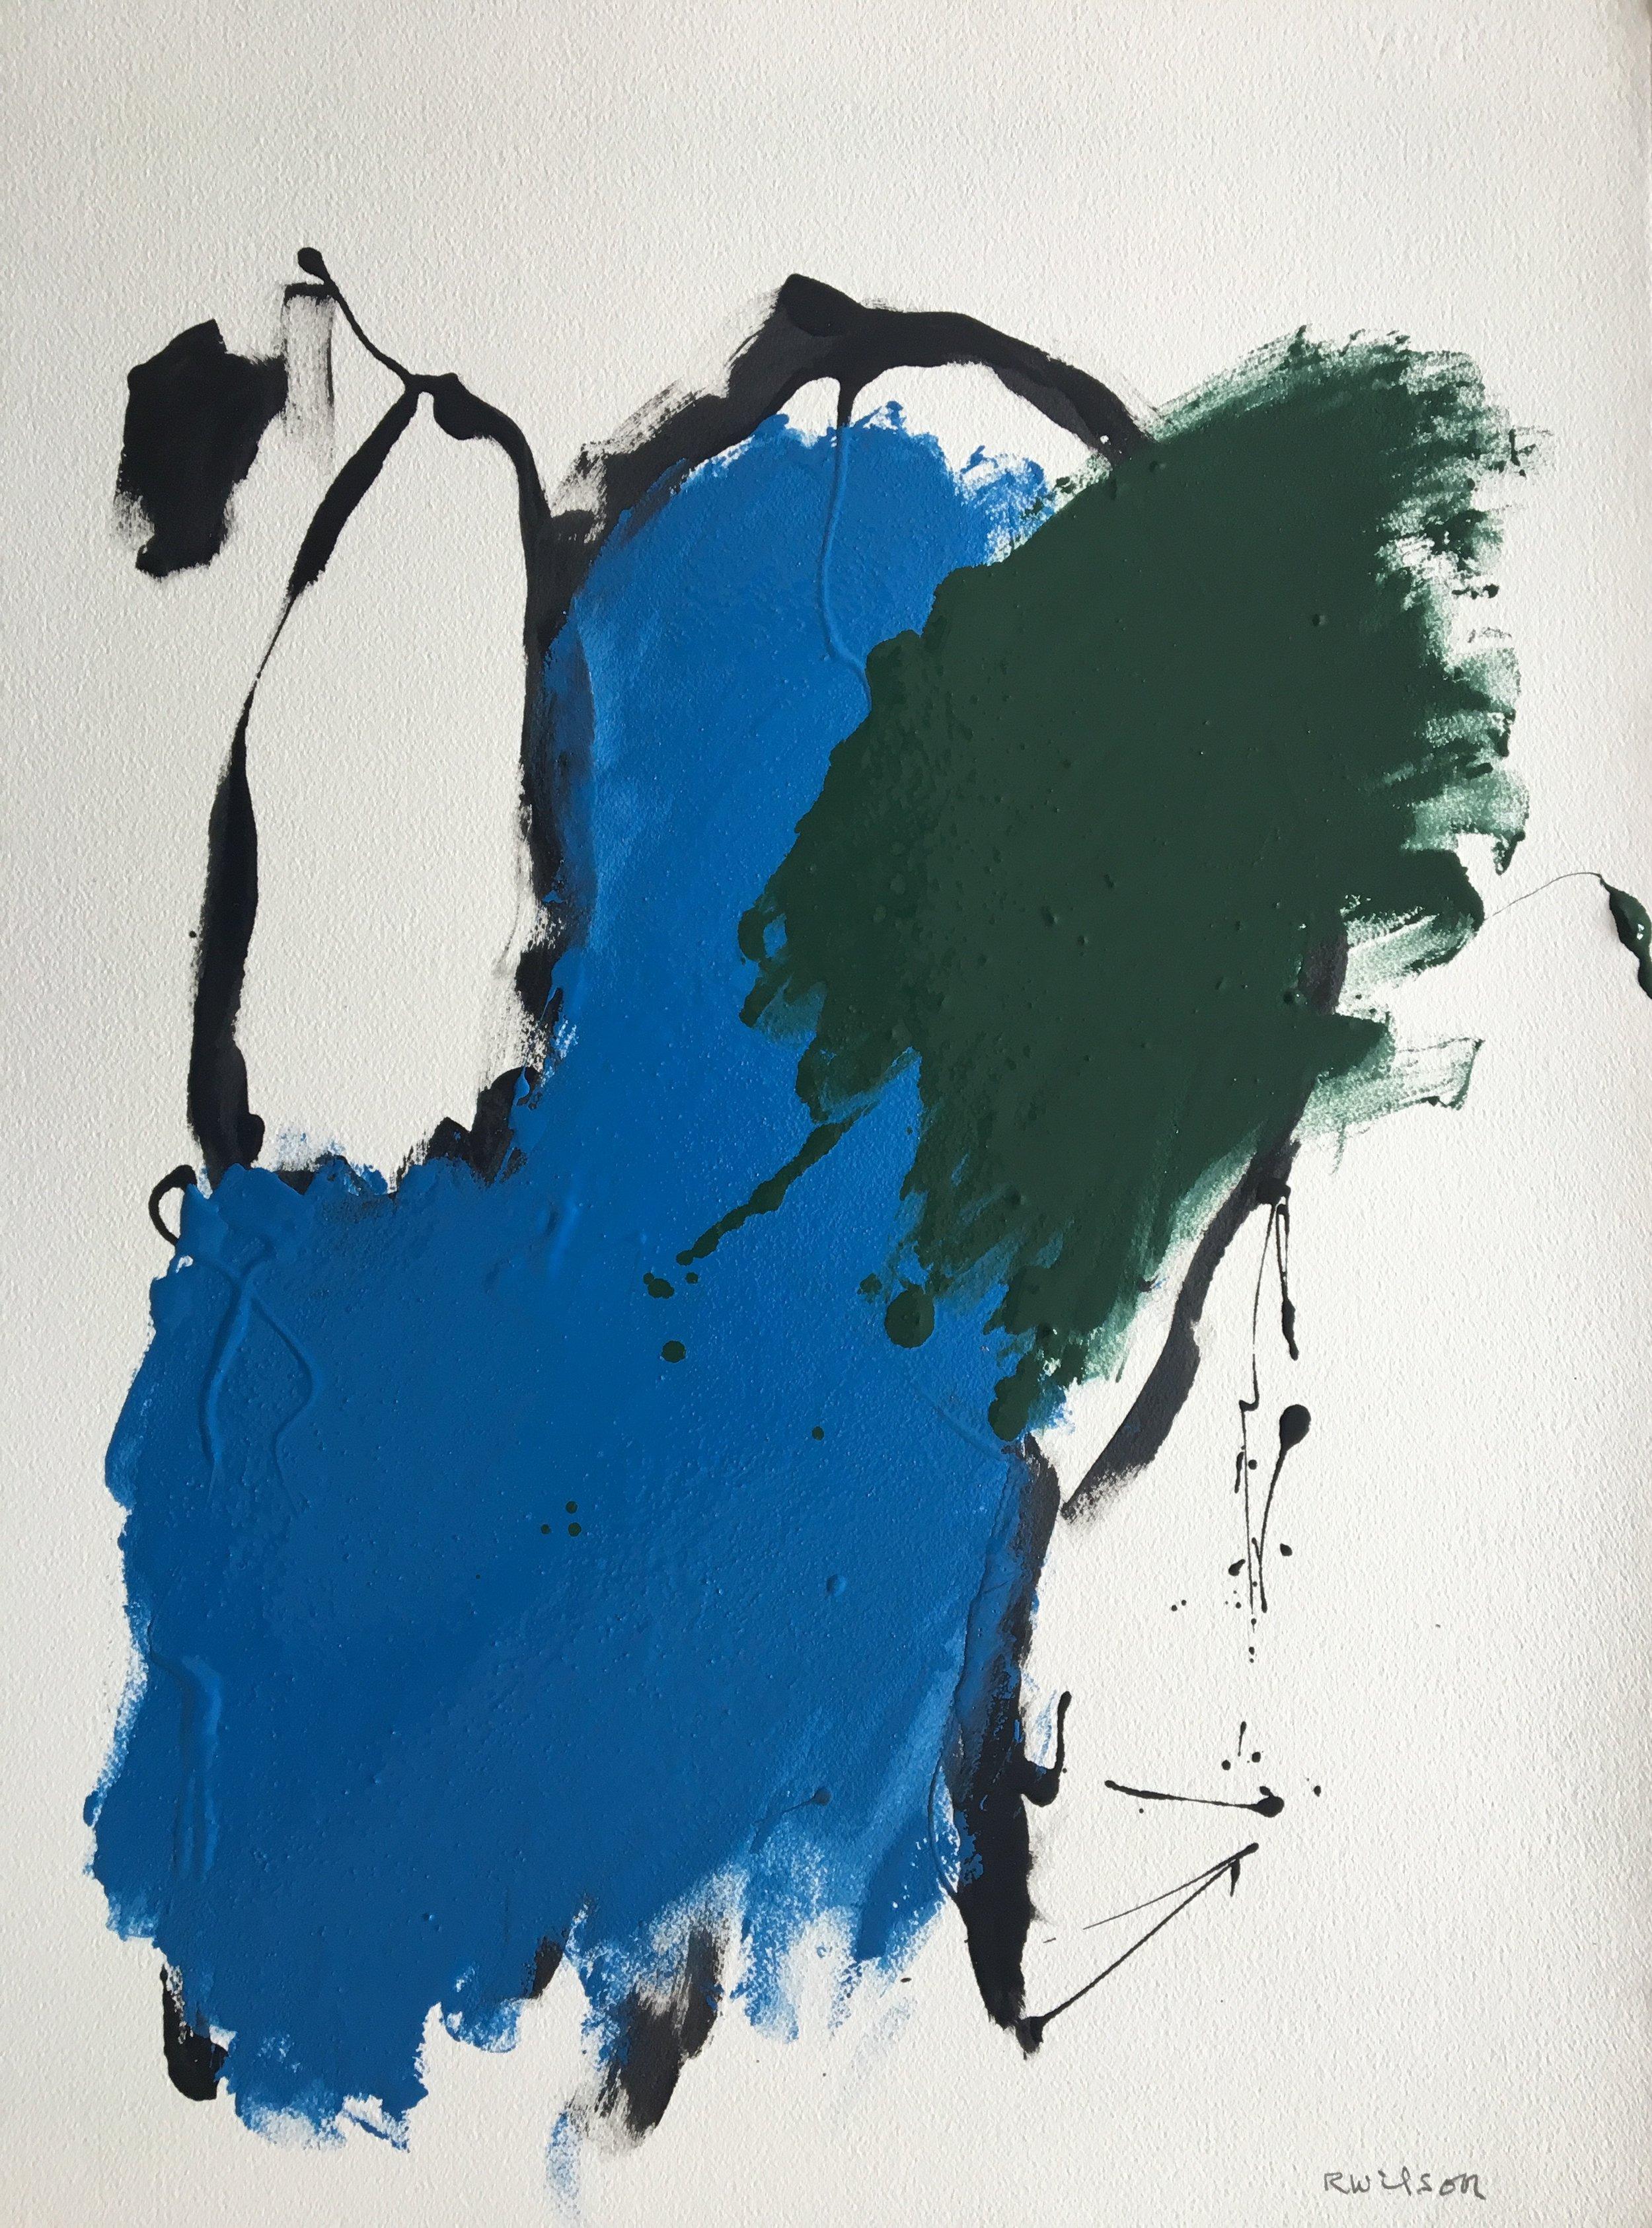 Blue Bouquet #2